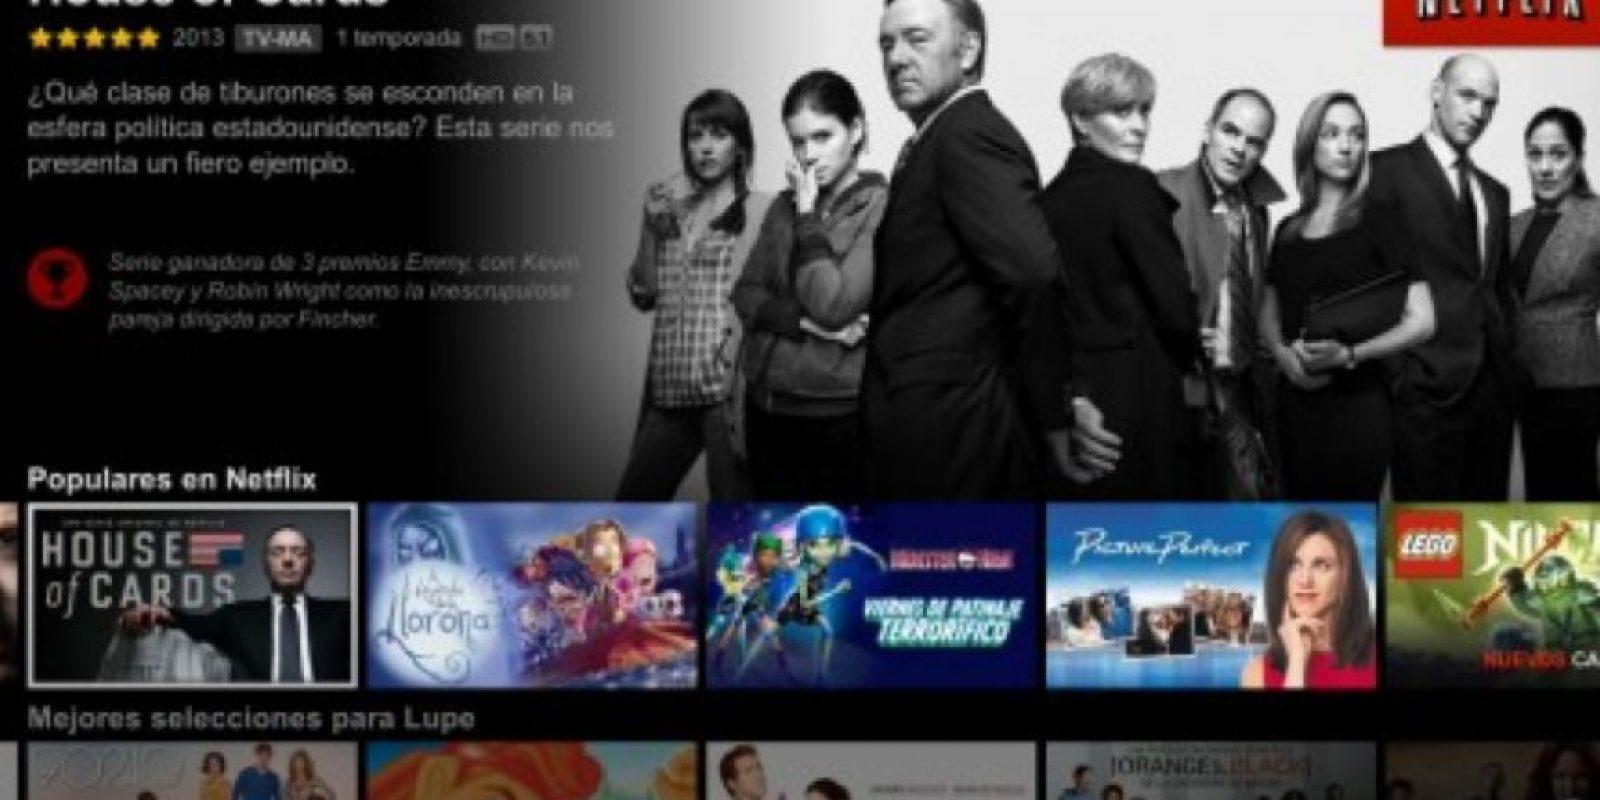 Aunque no lo crean, Adam Sandler firmó un contrato por cuatro películas con Netflix. Foto:Netflix